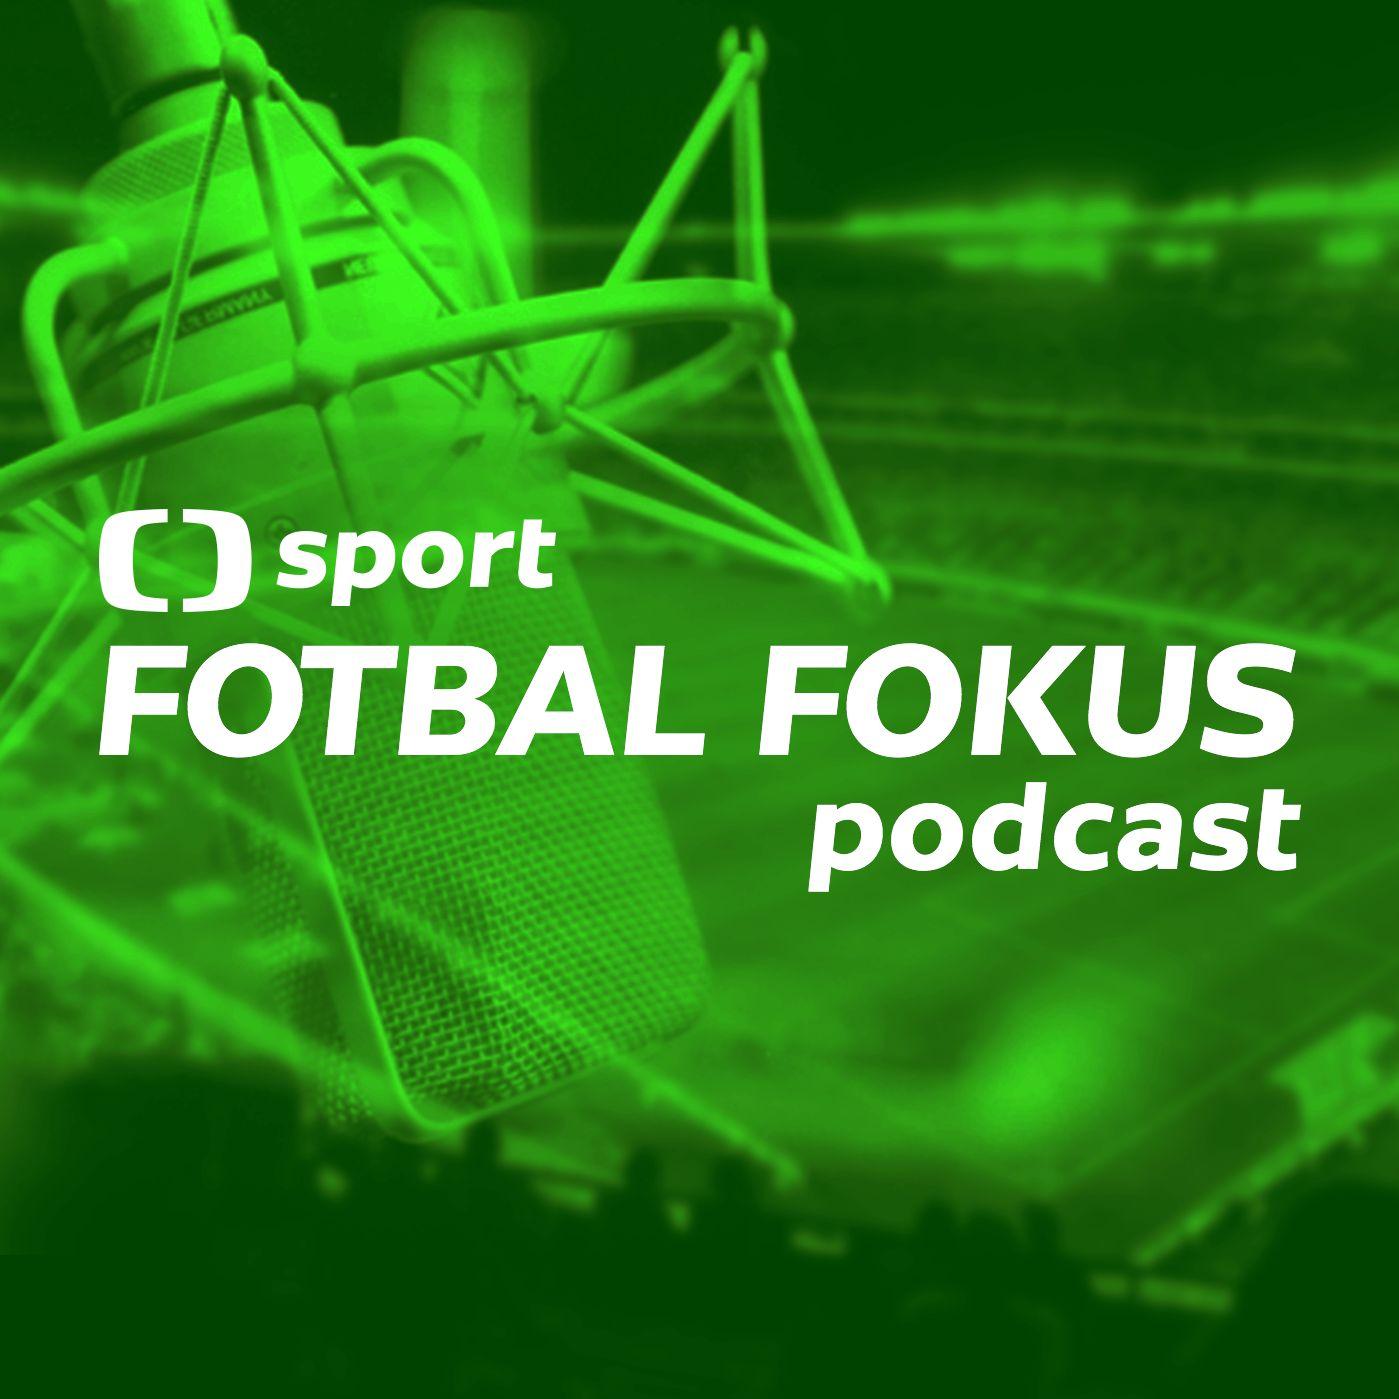 Fotbal fokus podcast: Vyhraje titul trápící se Plzeň, anebo nevyzpytatelná Slavia?